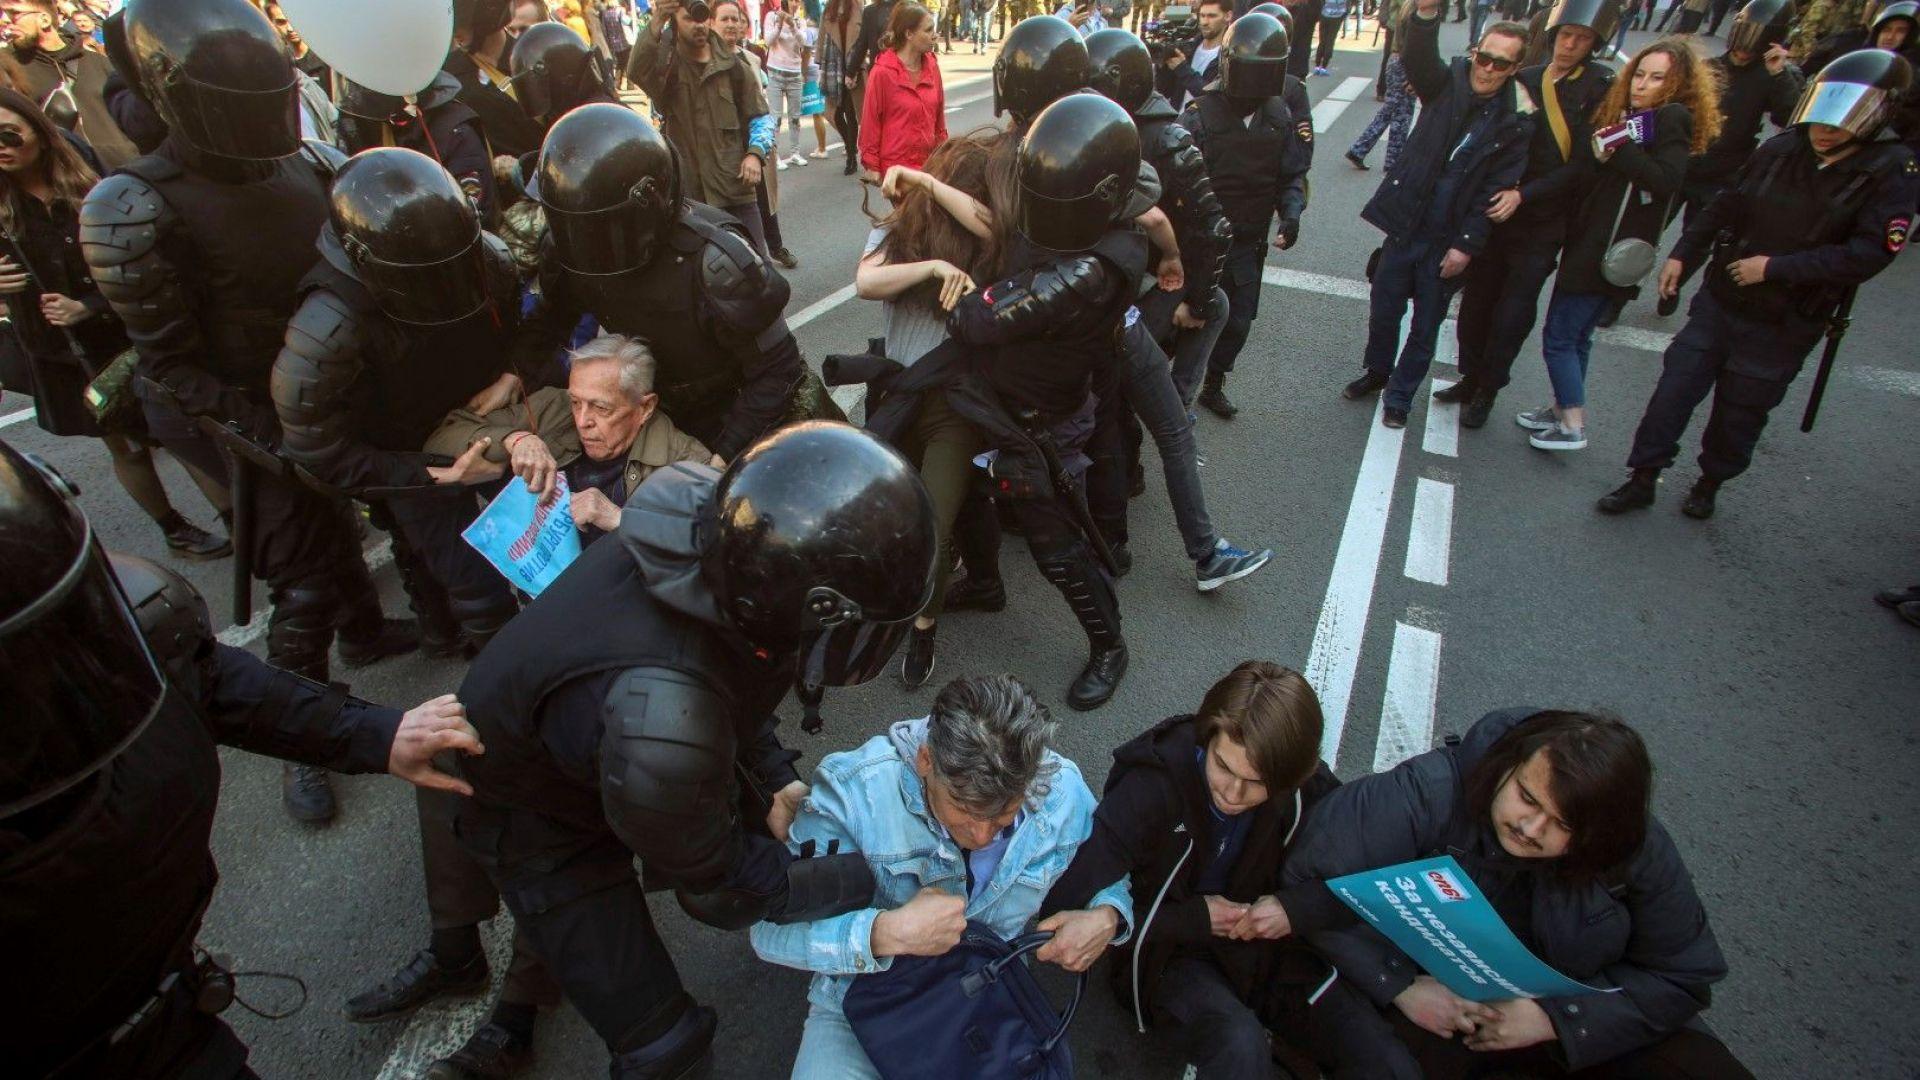 Първомайските демонстрации:  от сблъсъци с полицията, през проевропейски лозунги и арeстувани